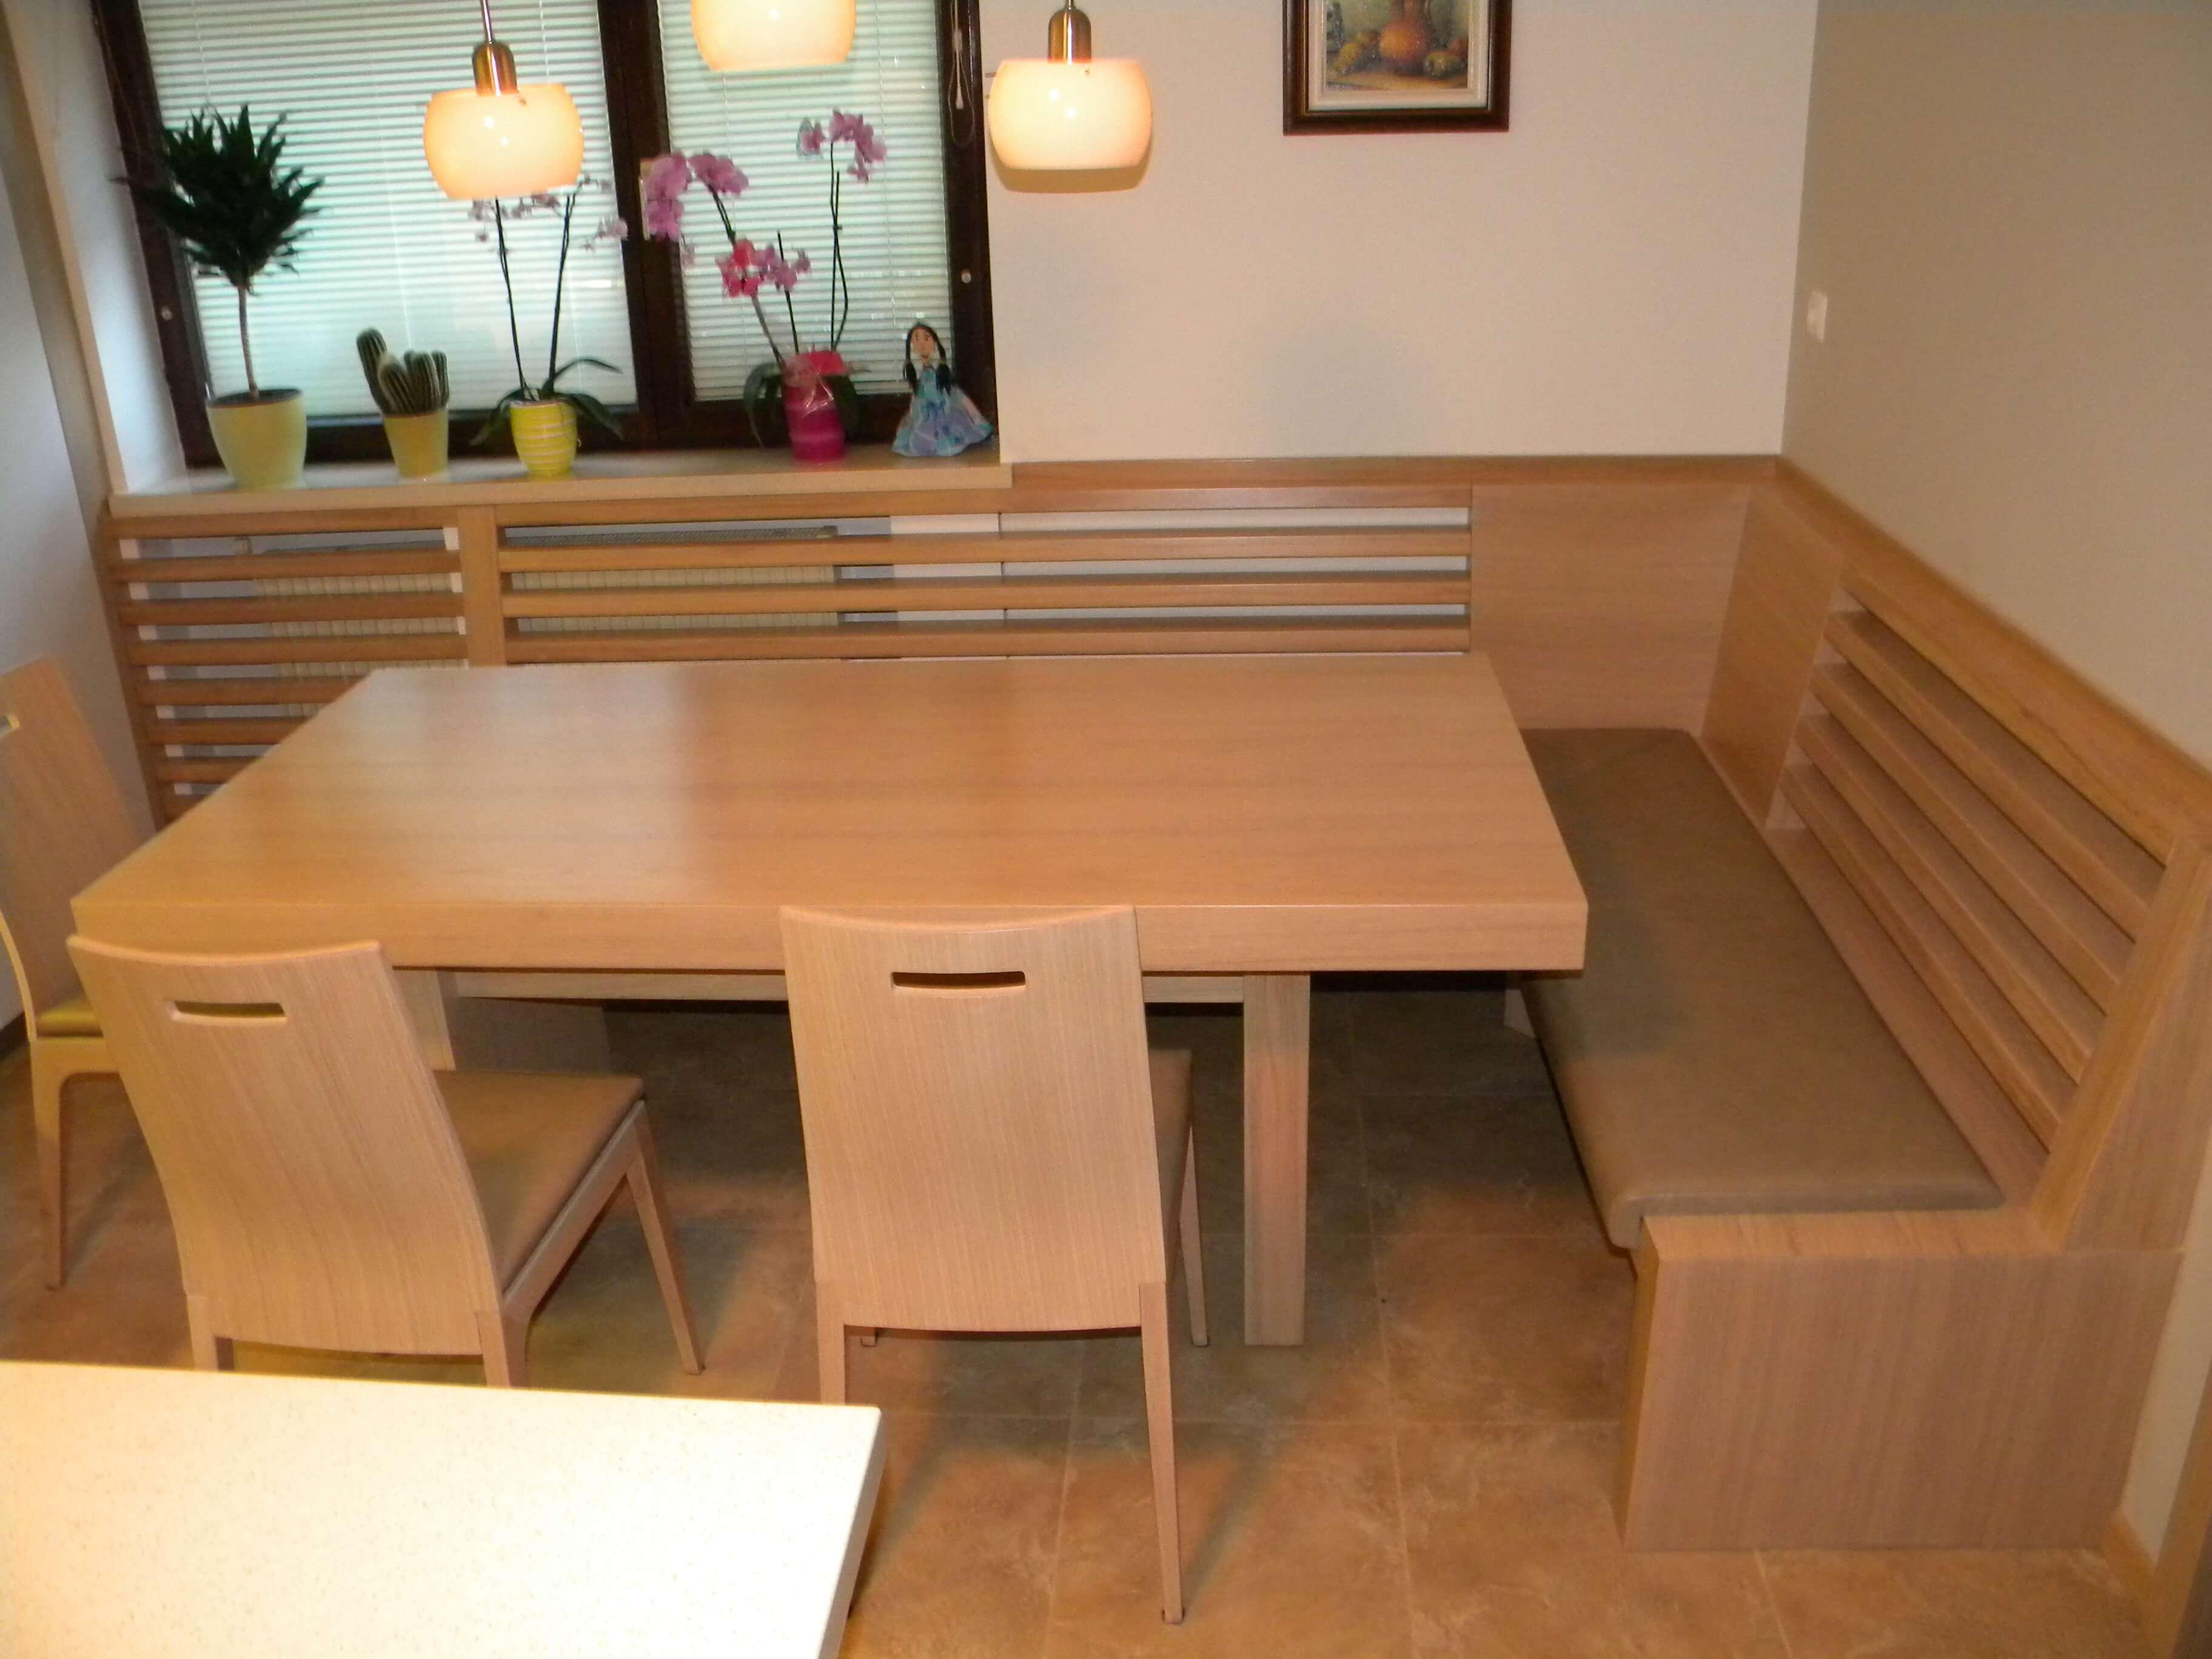 Miza za jedilnico in oblazinjena klop po naročilu